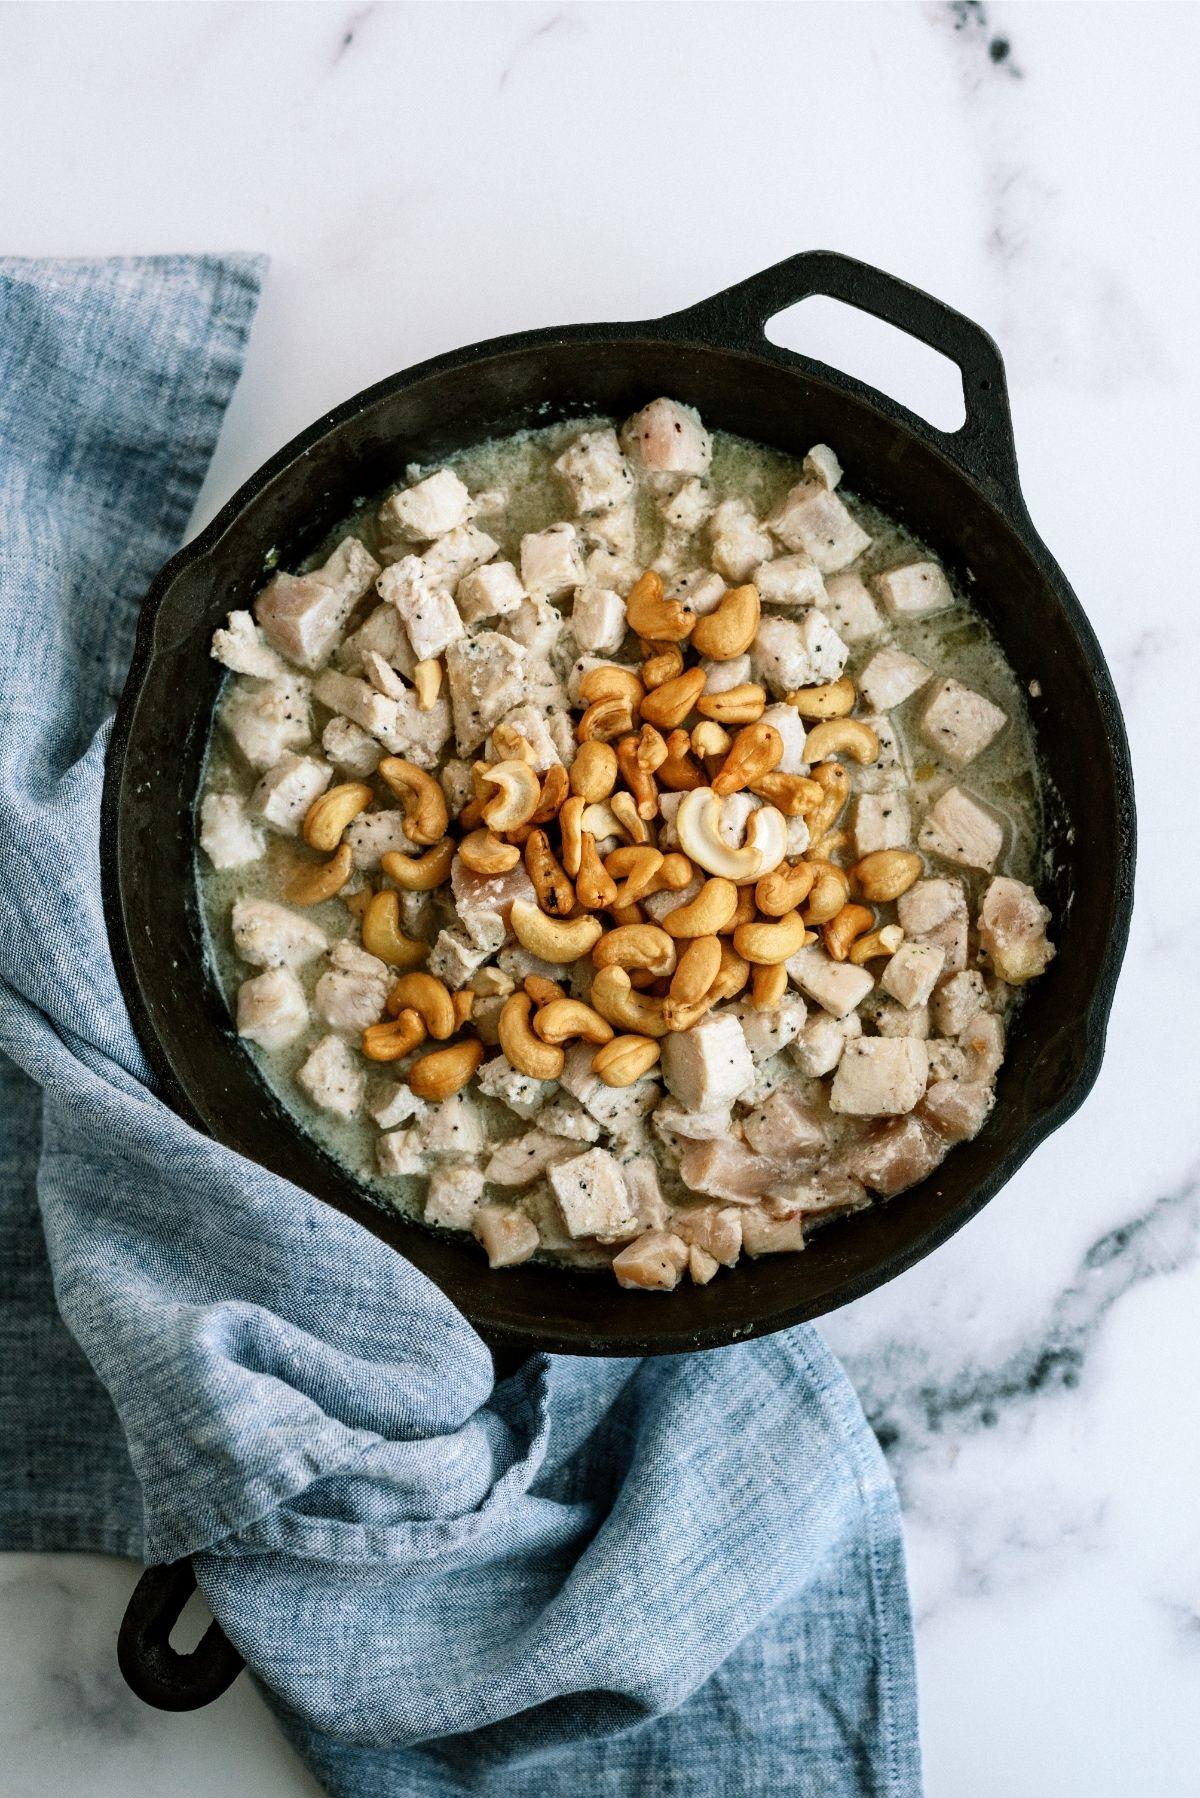 Chicken in a skillet for Cashew Chicken Skillet Stir-Fry